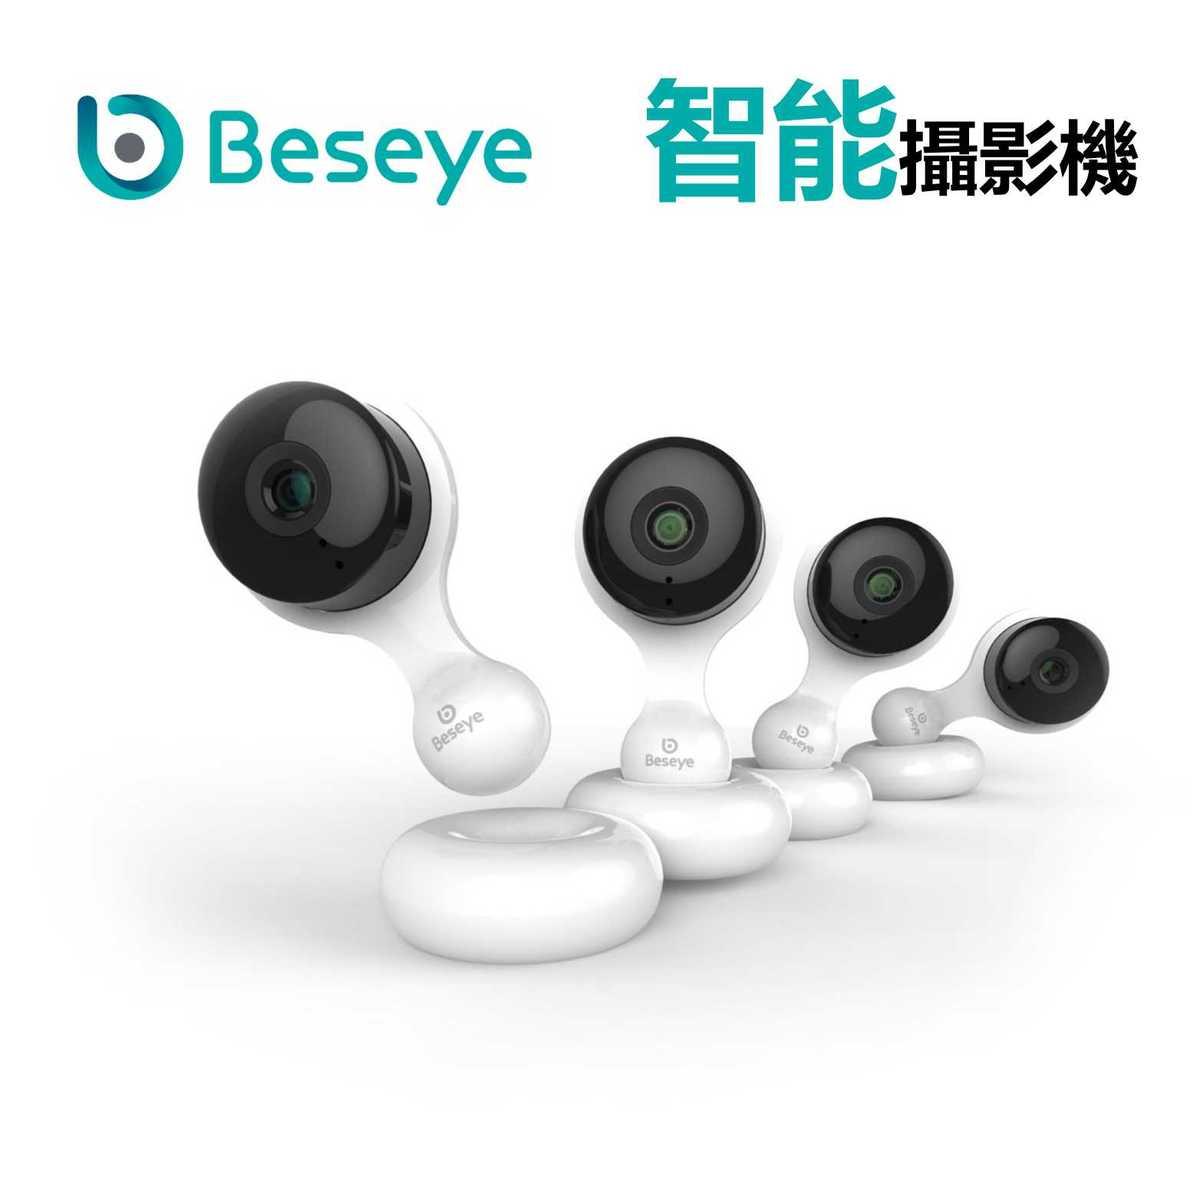 Pro Wi-Fi Monitoring Camera (BESH-1205)